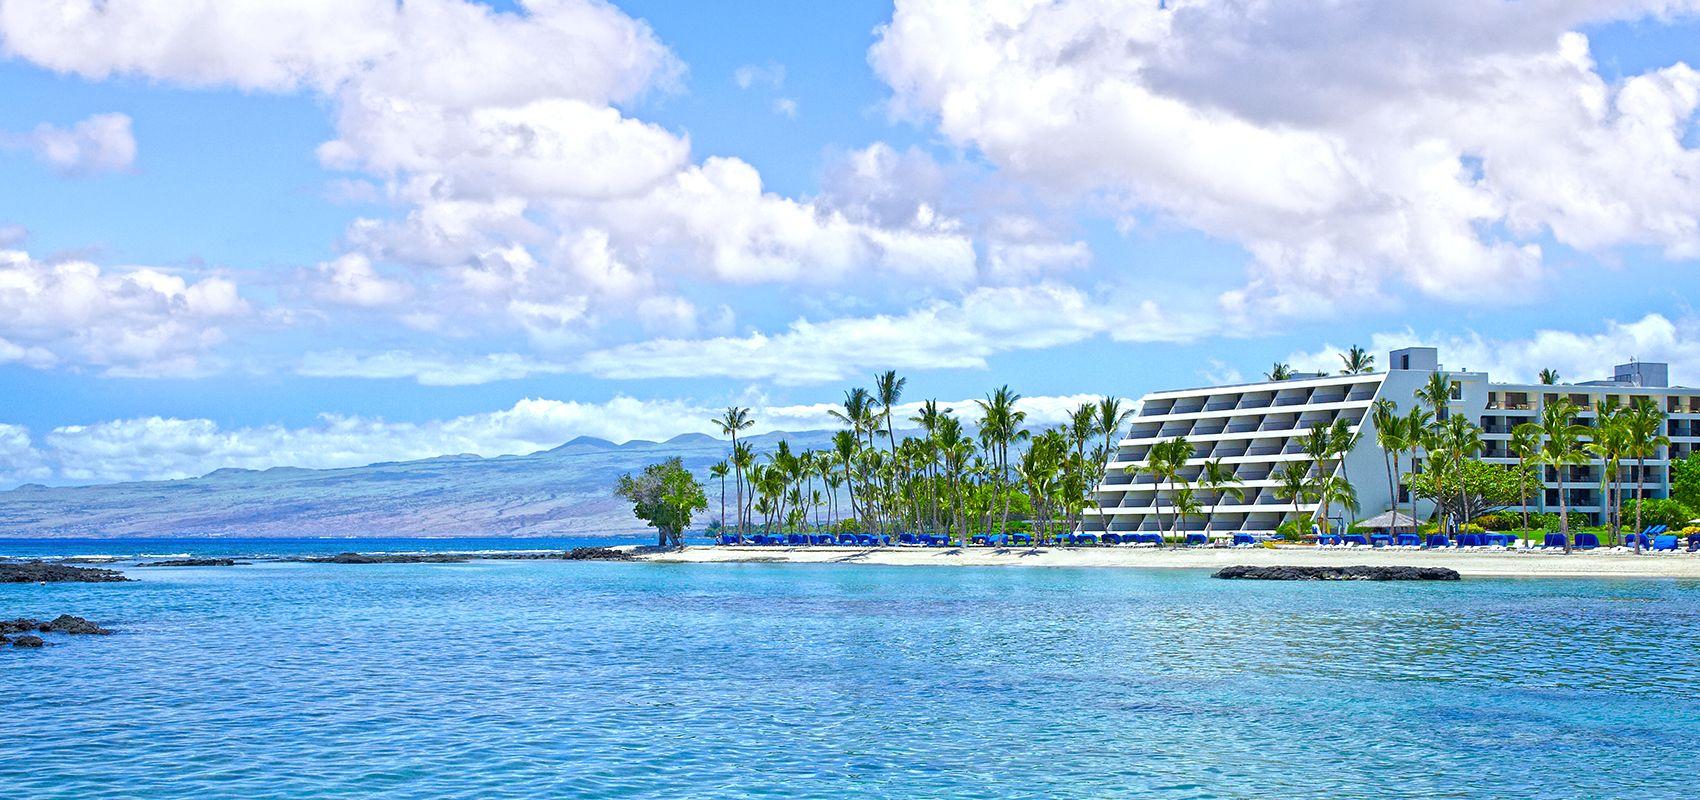 Hawaii Island Luxury Hotels Resorts Mauna Lani Resort In